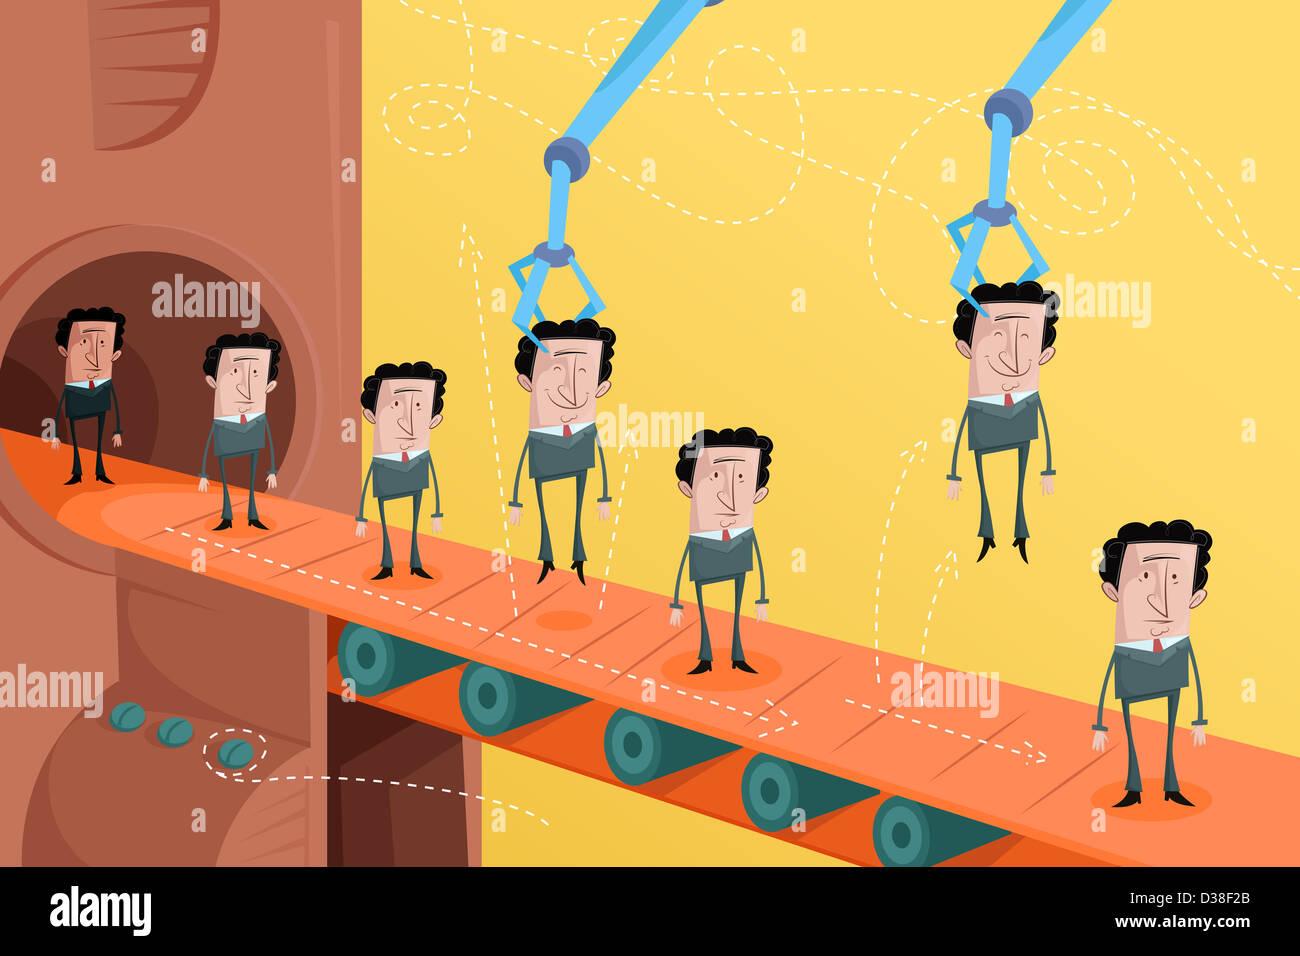 Image d'illustration de candidats sur la courroie du convoyeur qui représente la sélection d'employés Photo Stock